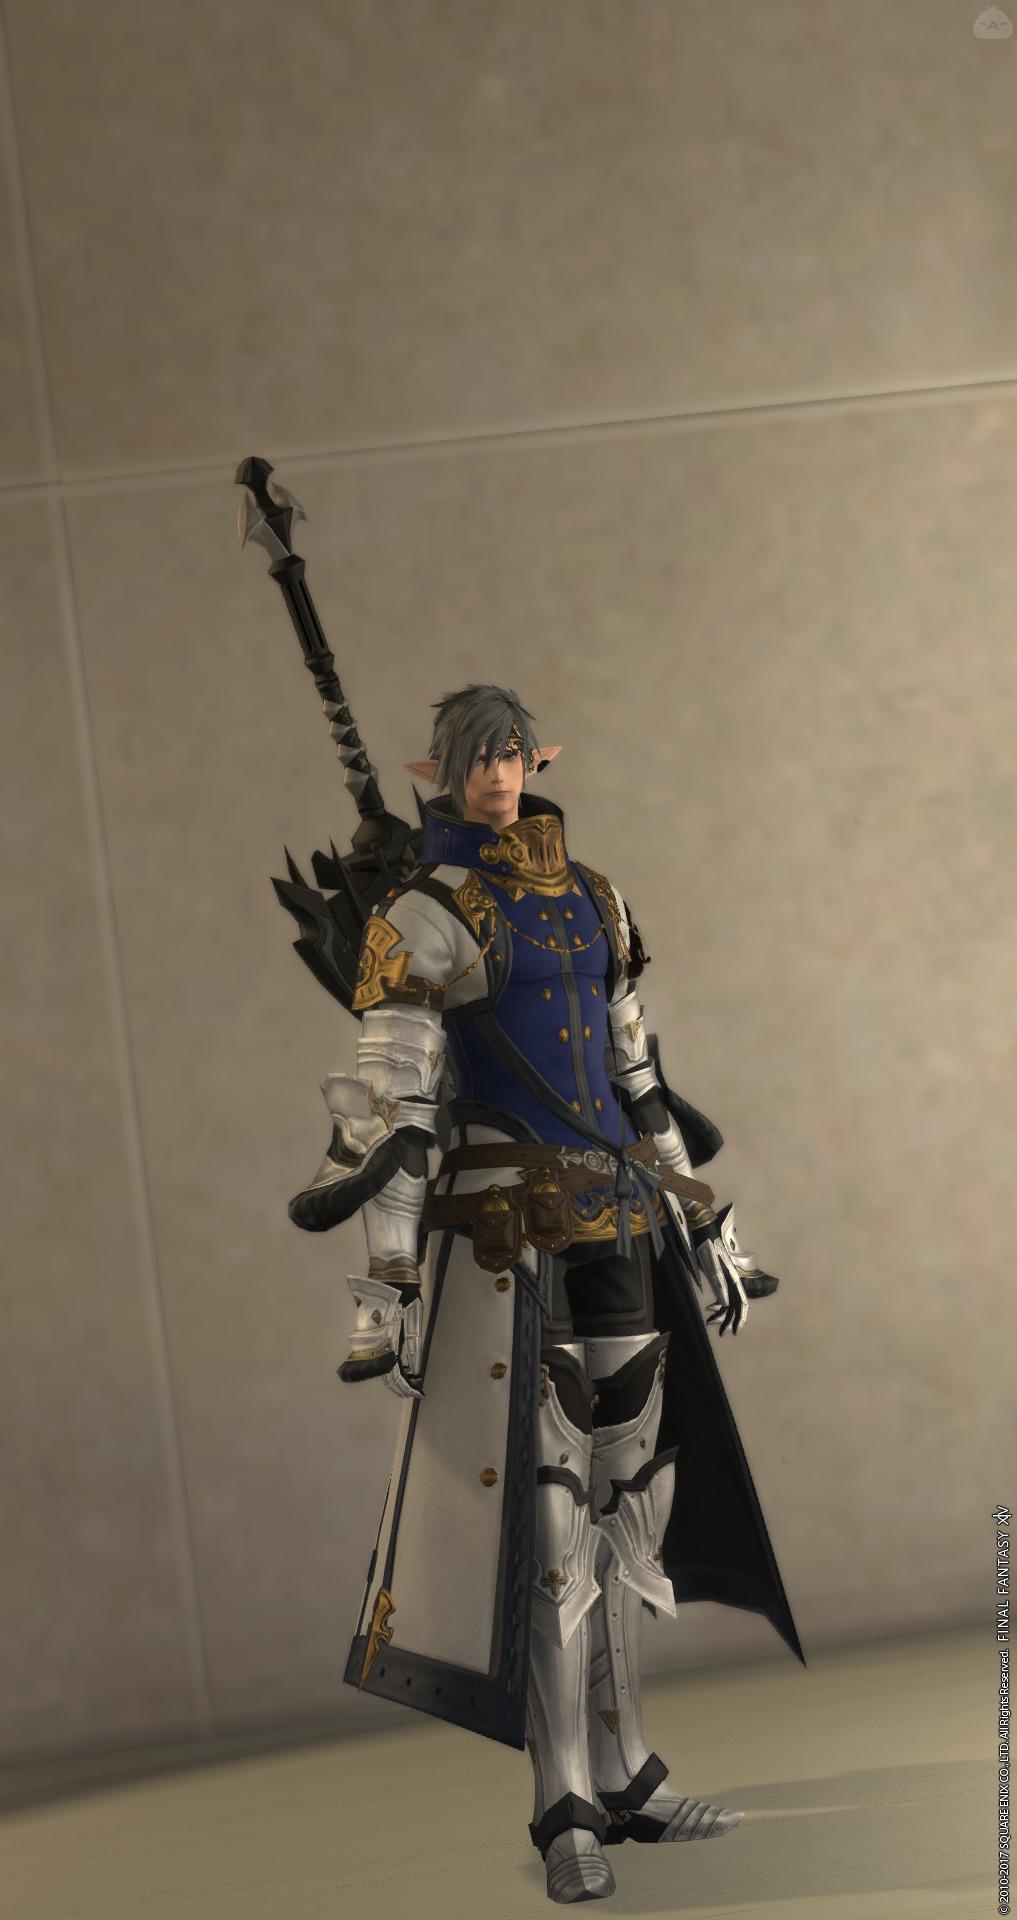 神話ナイトに戻りたい暗黒の聖騎士コーデ4.1ver